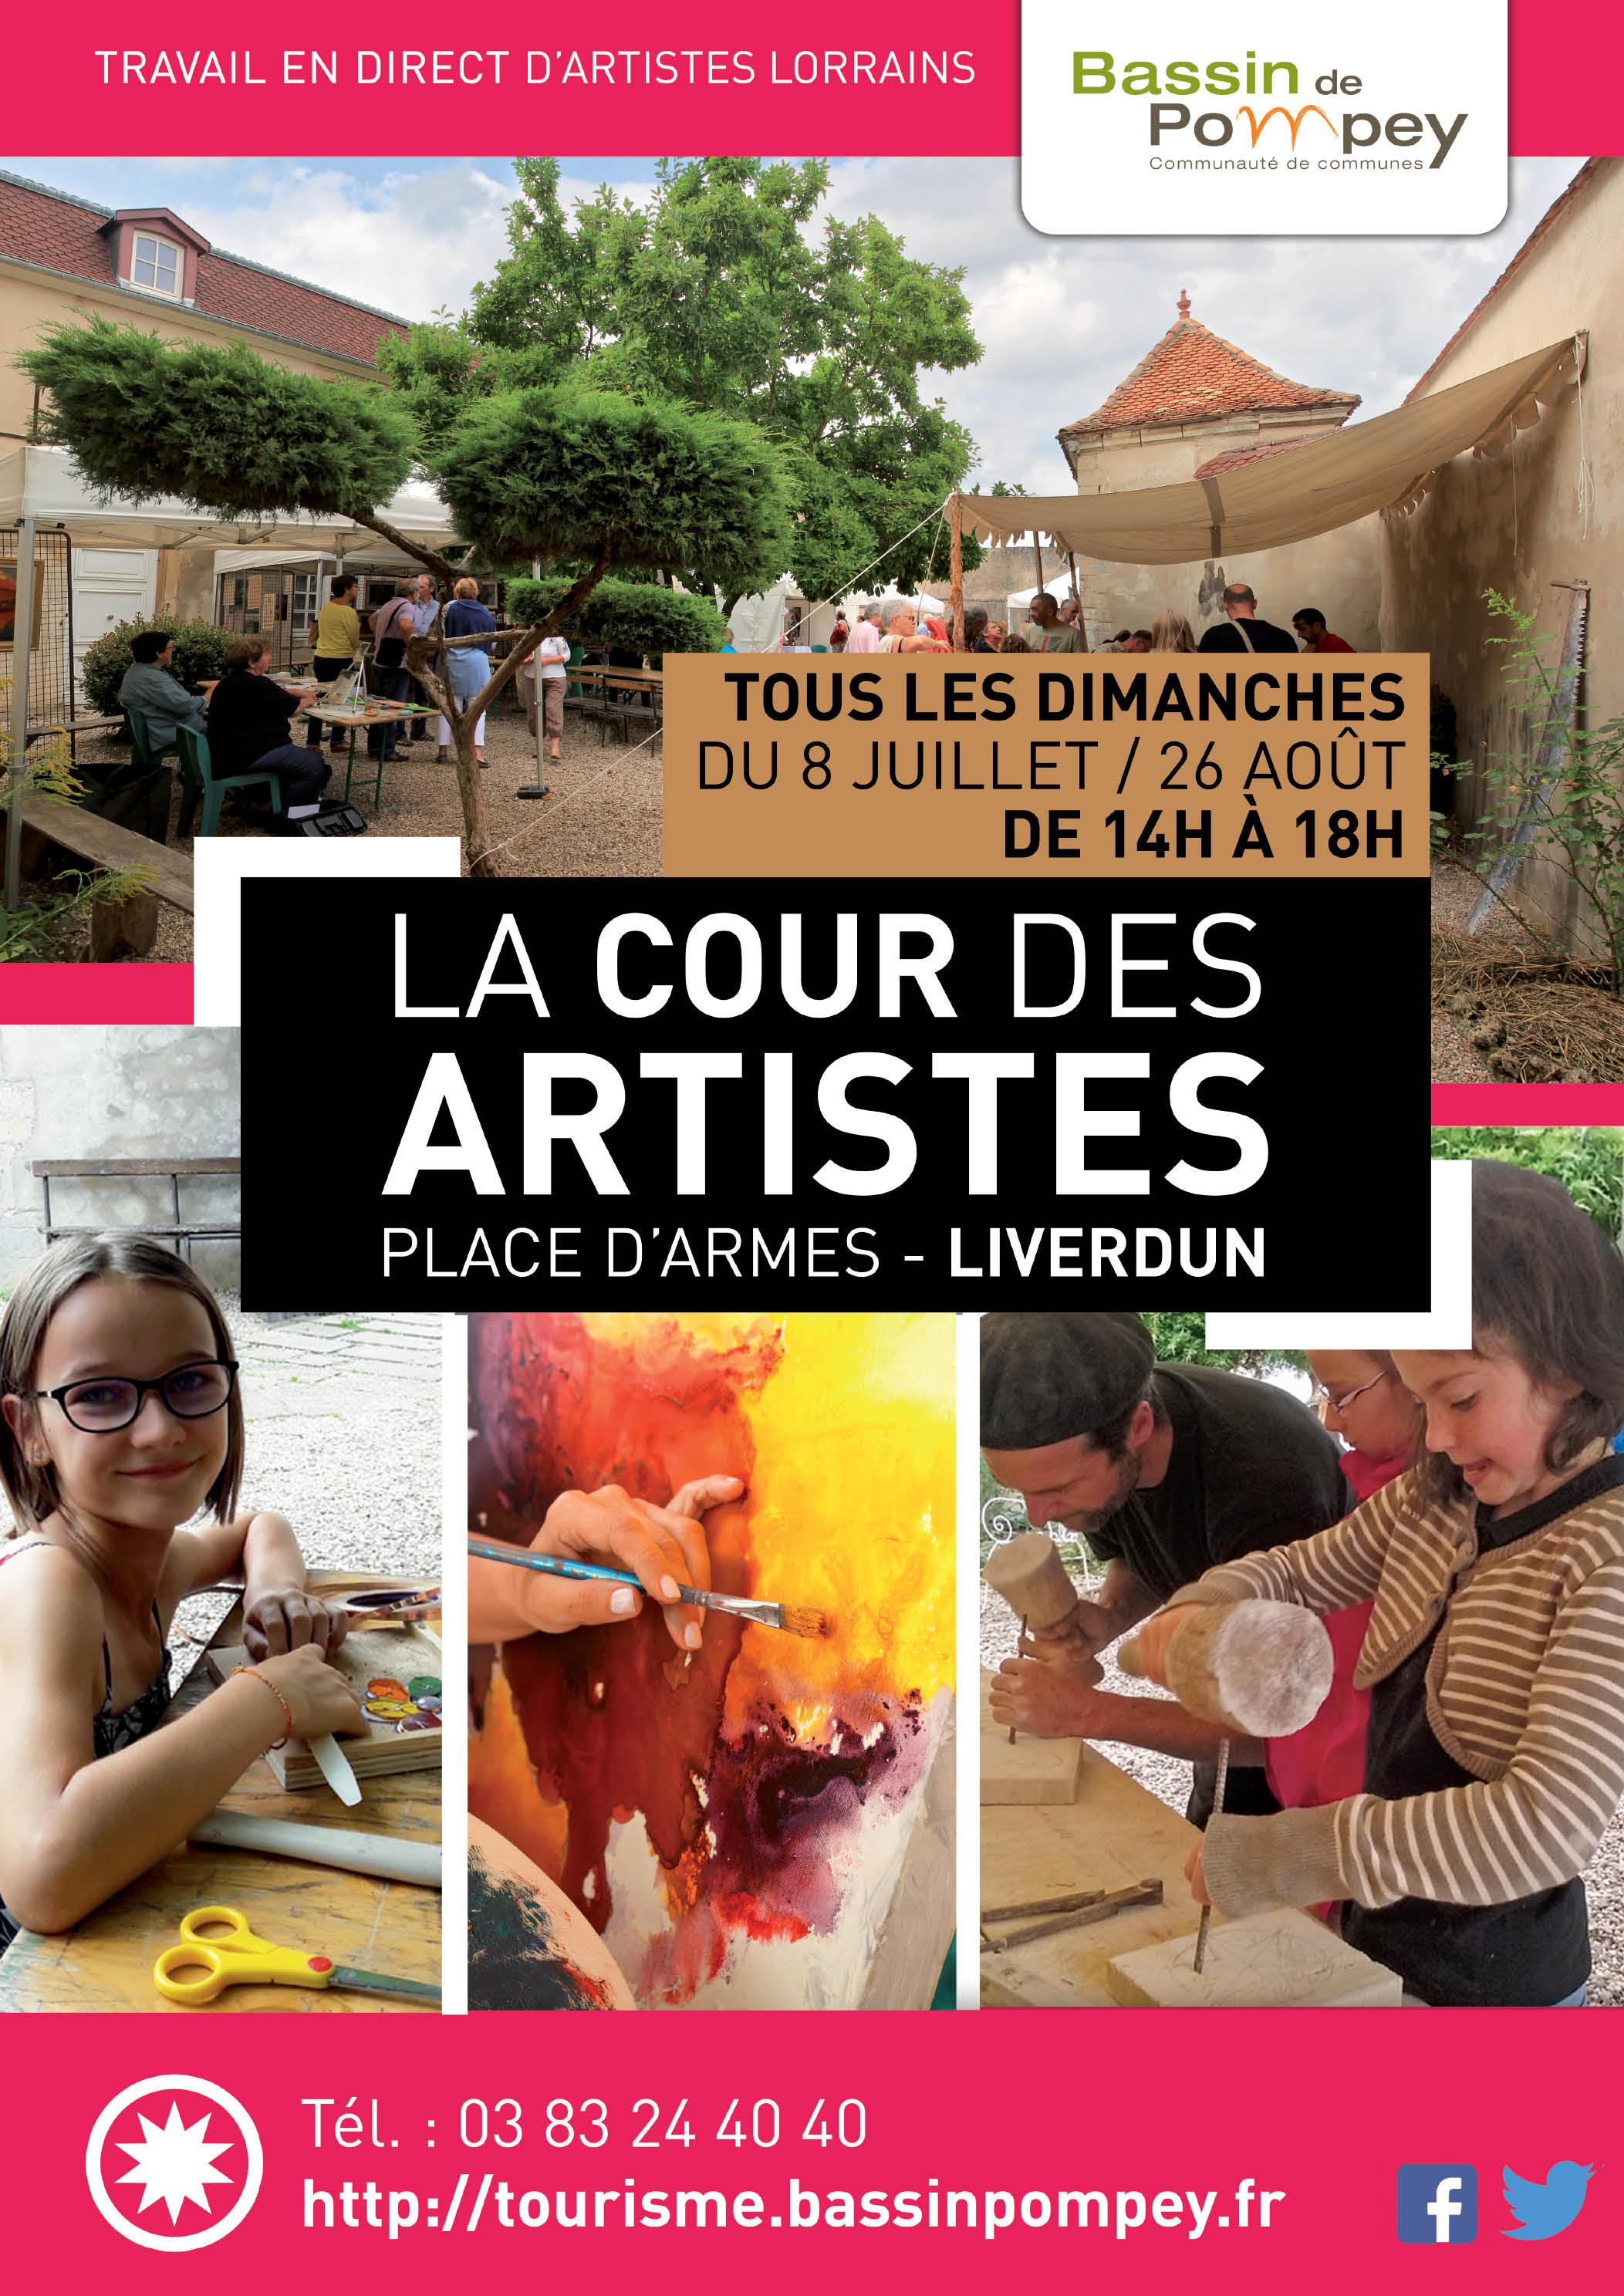 LA-COUR-DES-ARTISTES